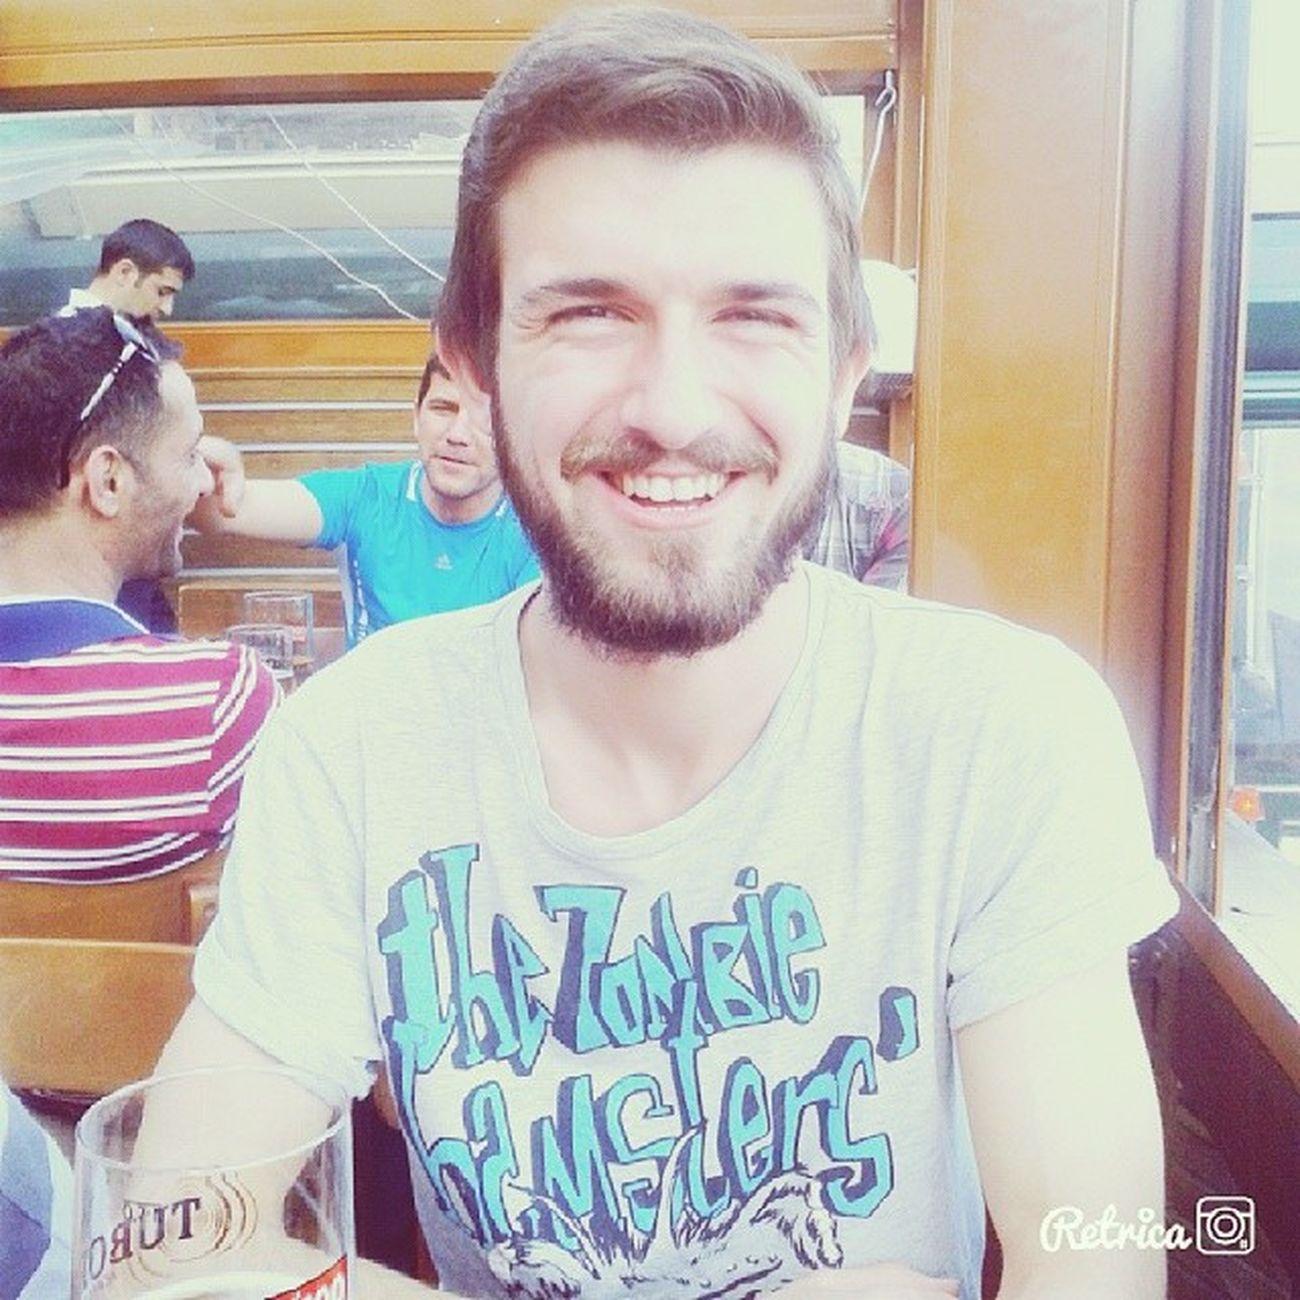 Ksk MeskenTürküEvi Smile Gulunce Kaybolan Gözlerim